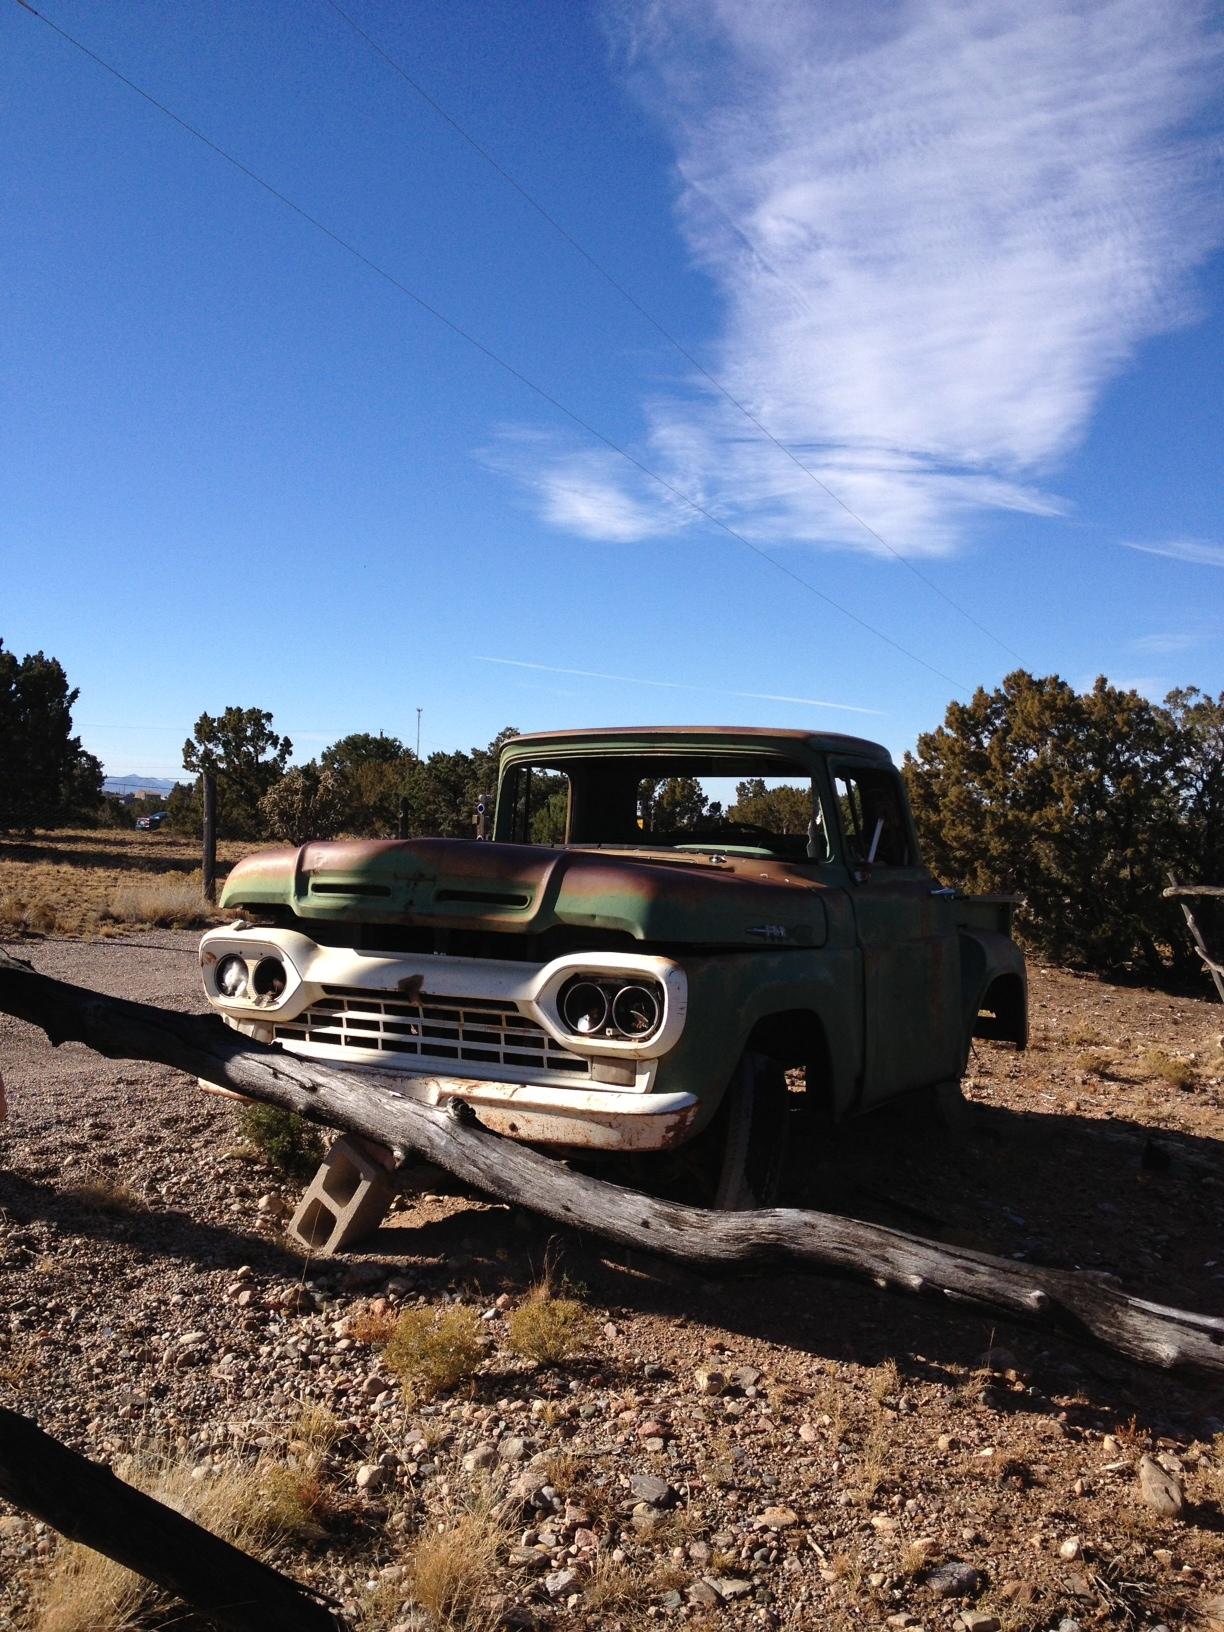 santa fe rusty truck.jpg